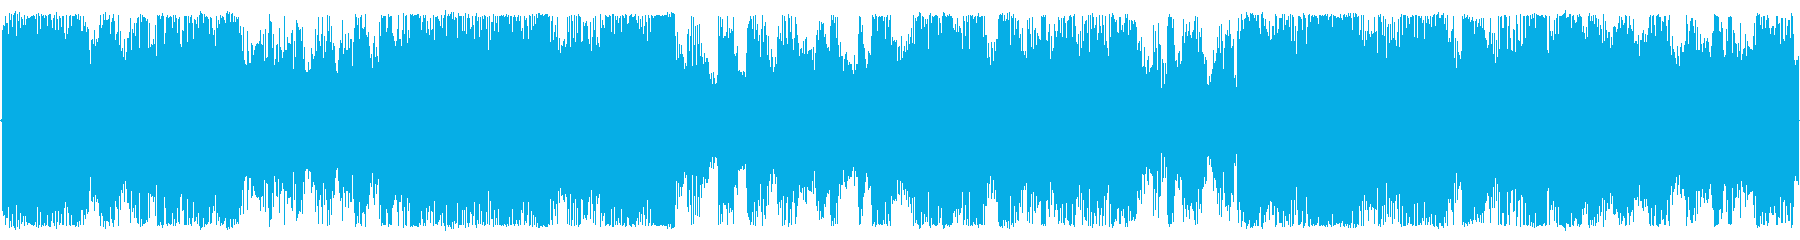 明るめで少し大人っぽい雰囲気の楽曲です。の再生済みの波形